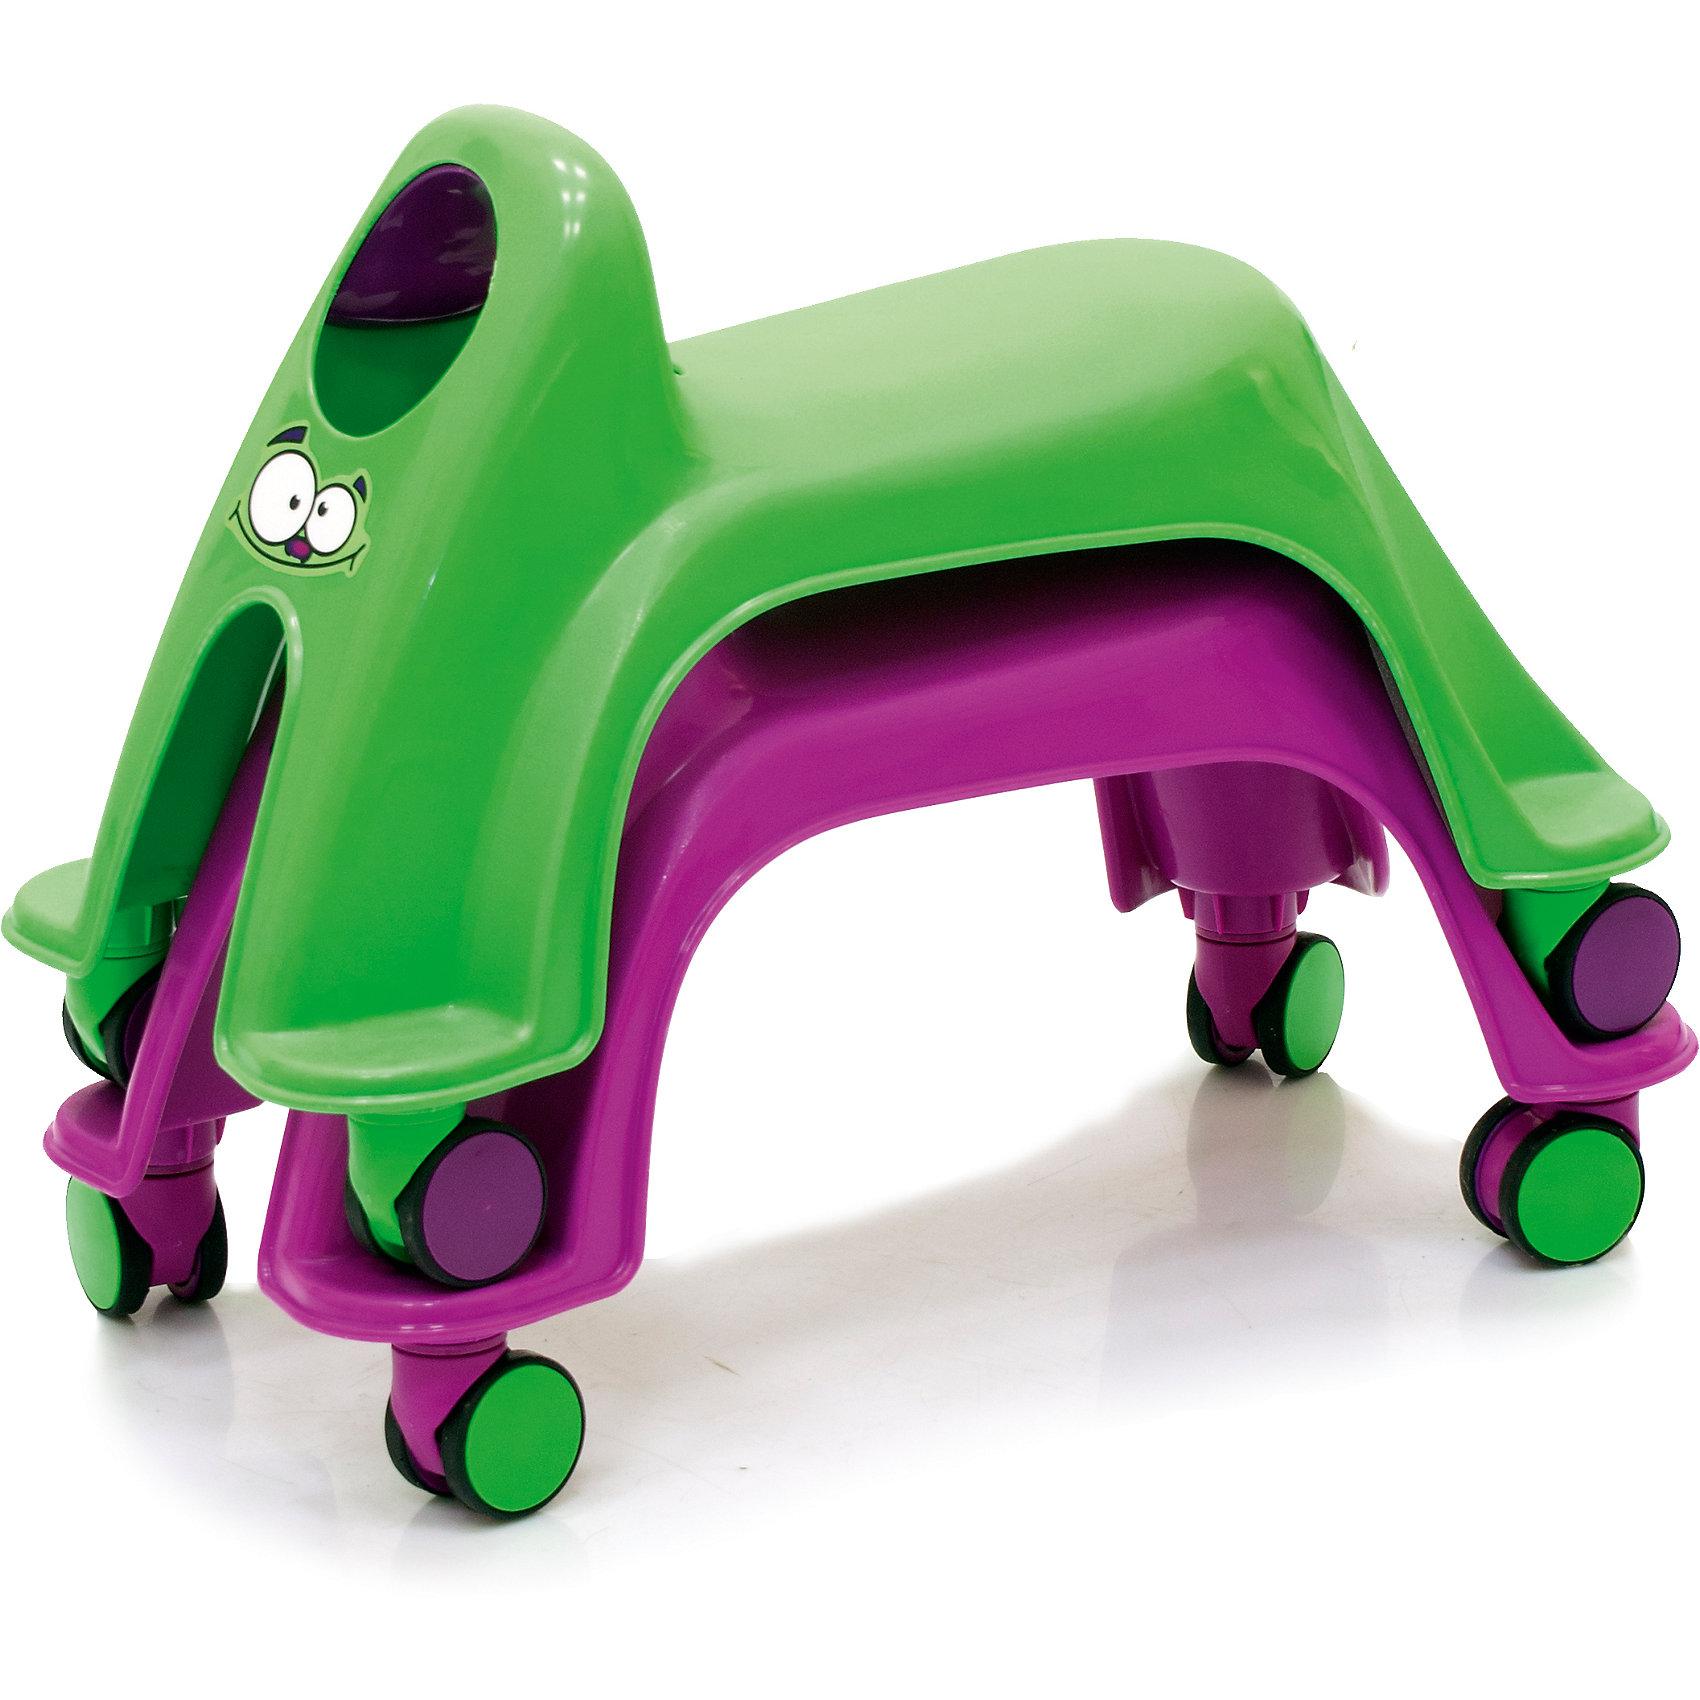 Каталка Smiley Neon Whirlee, фиолетовая от myToys